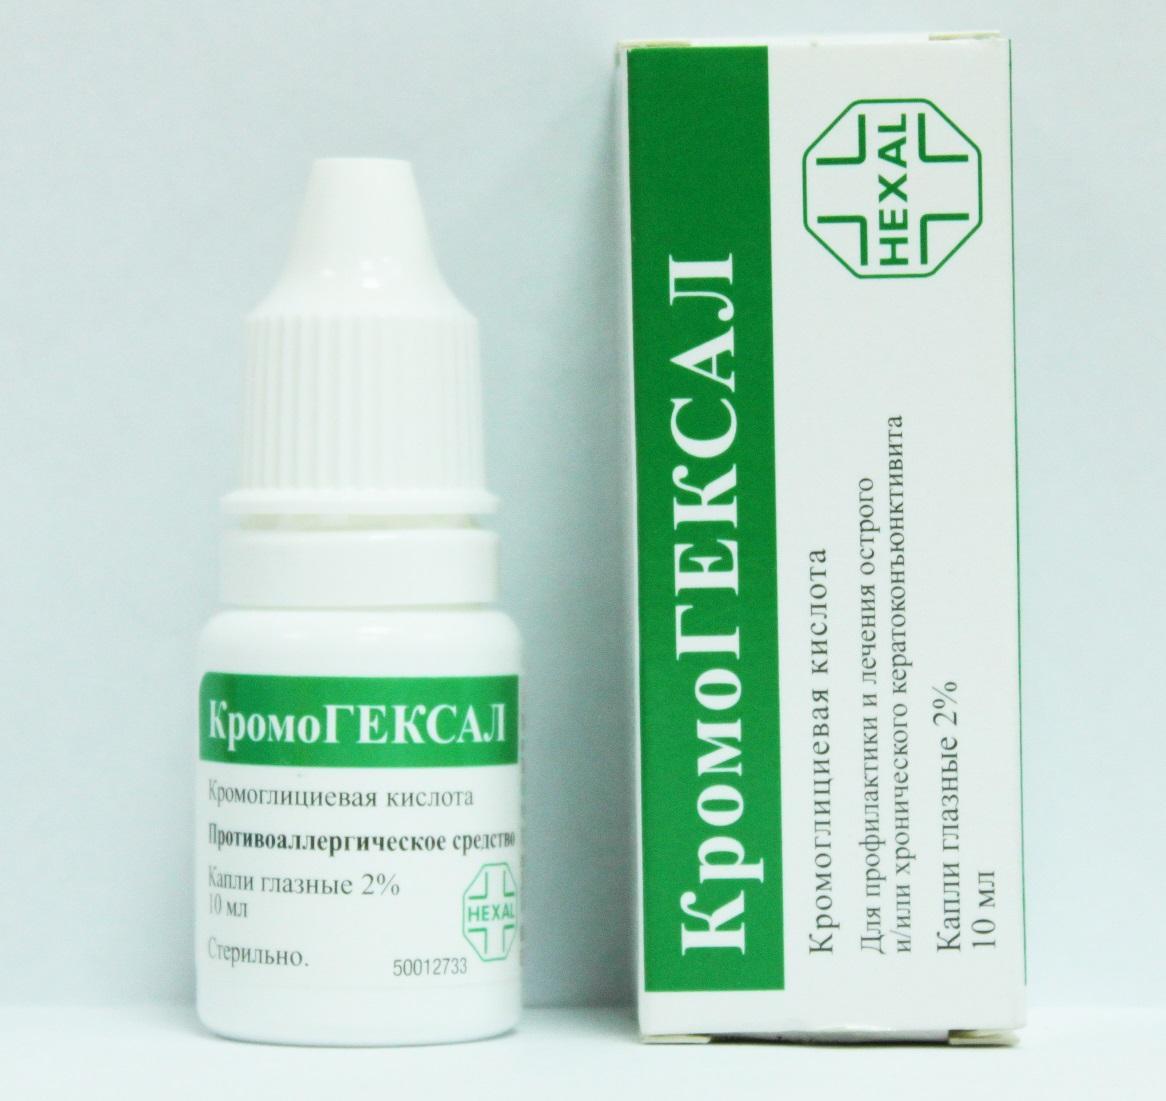 Капли в нос Кромогексал: инструкция по применению, при беременности и для детей